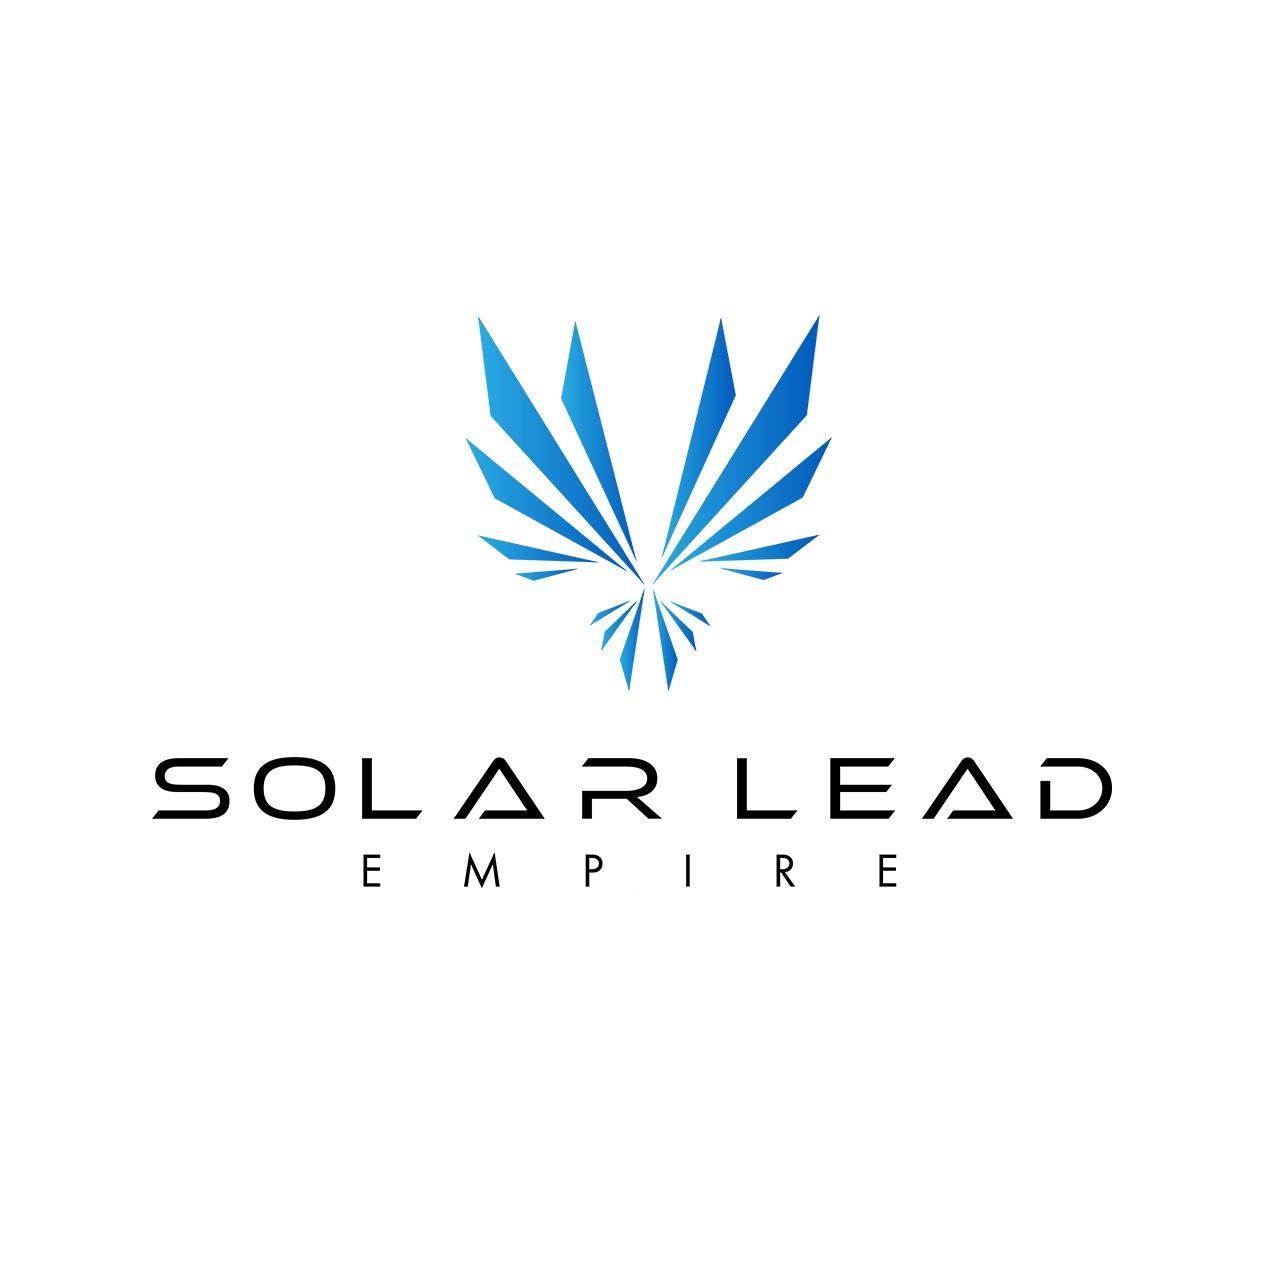 Solar Lead Empire image